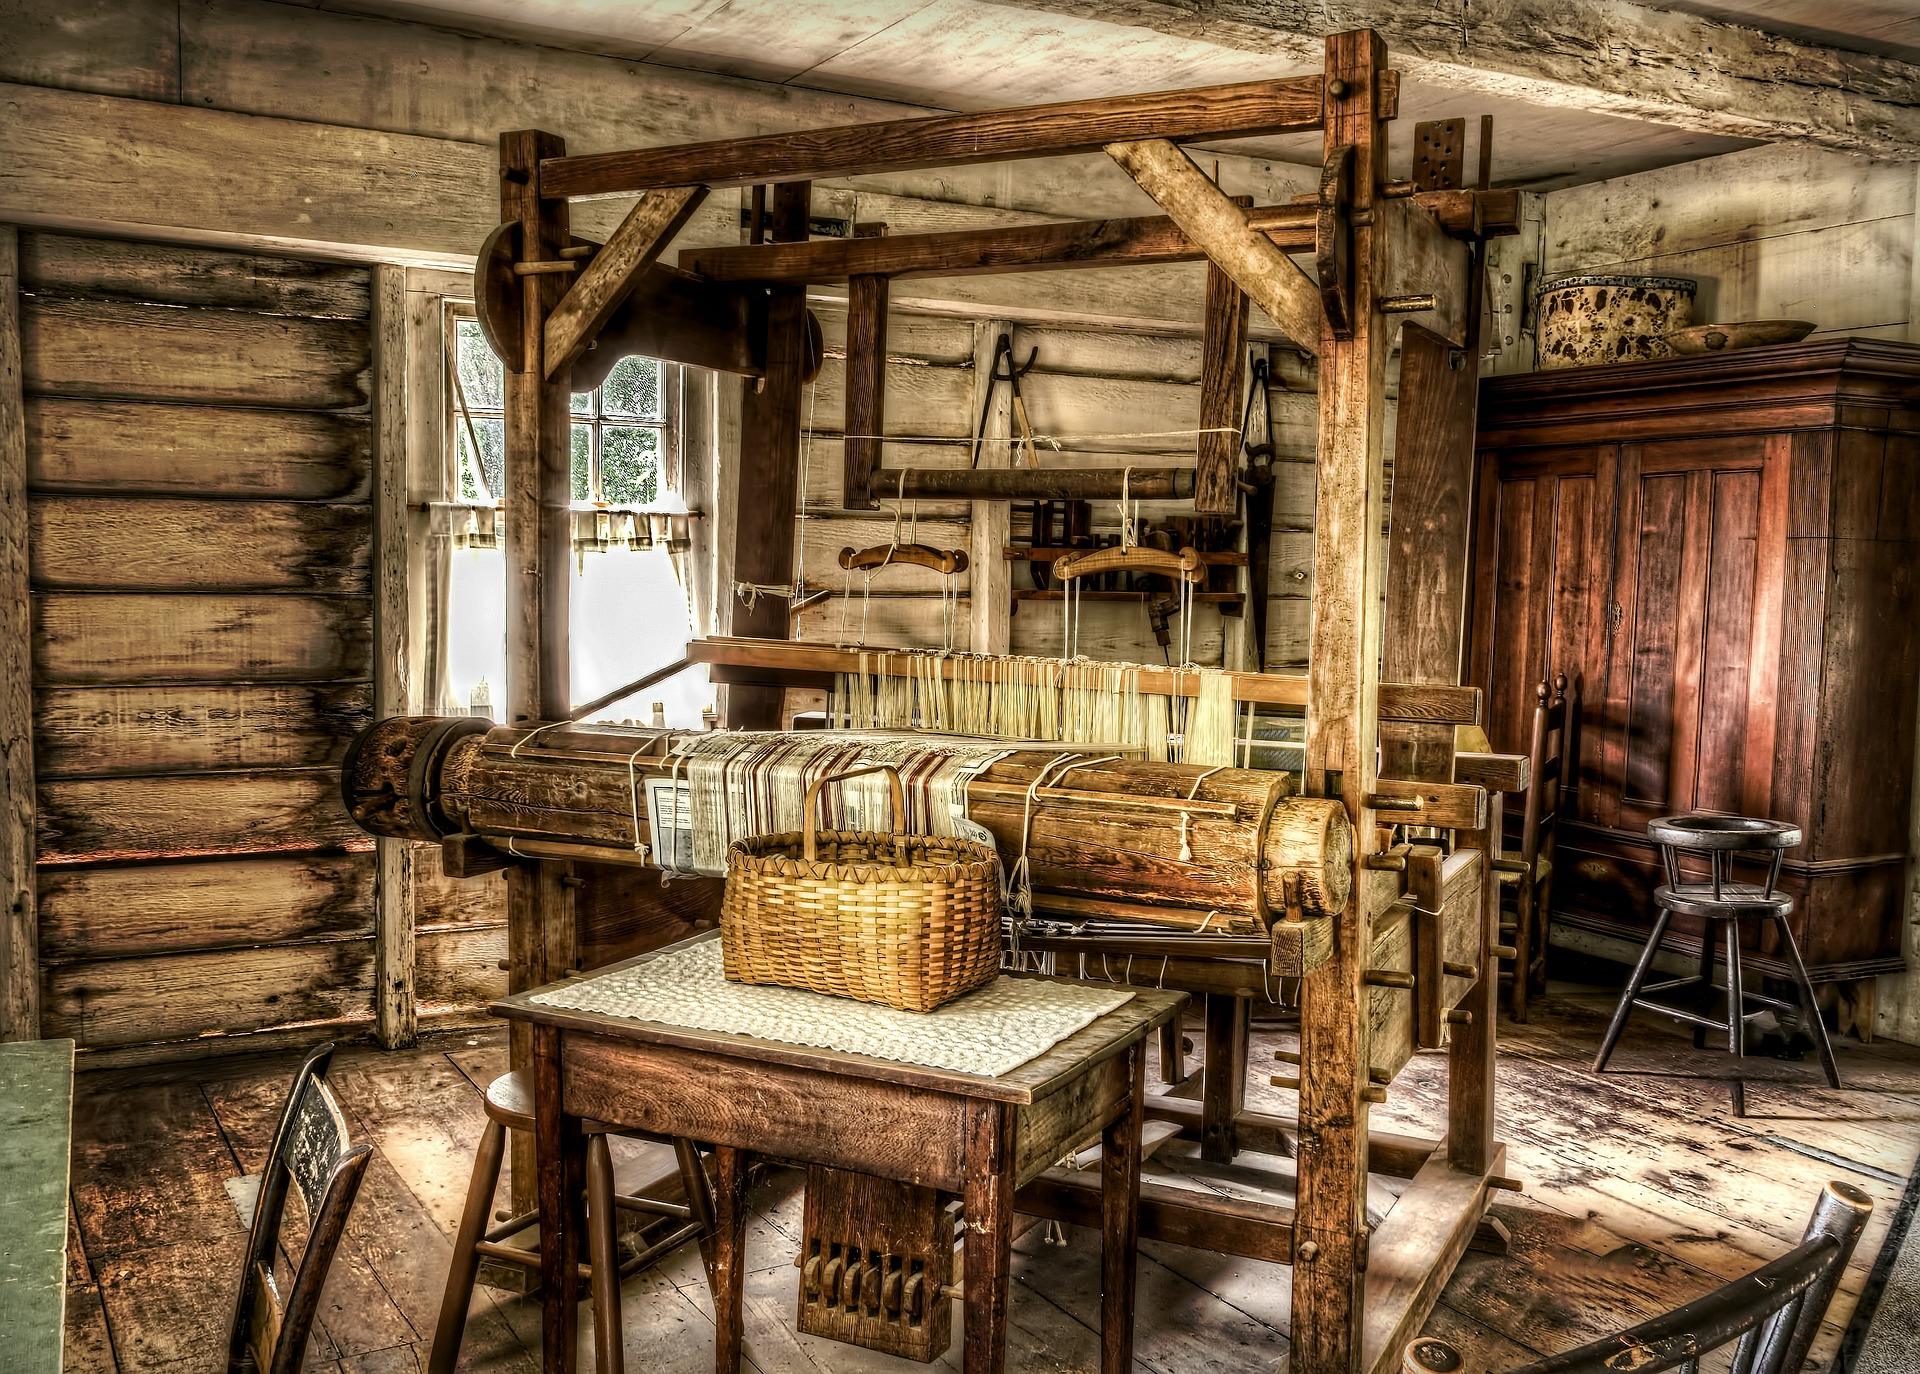 loom-581071_1920 (1).jpg